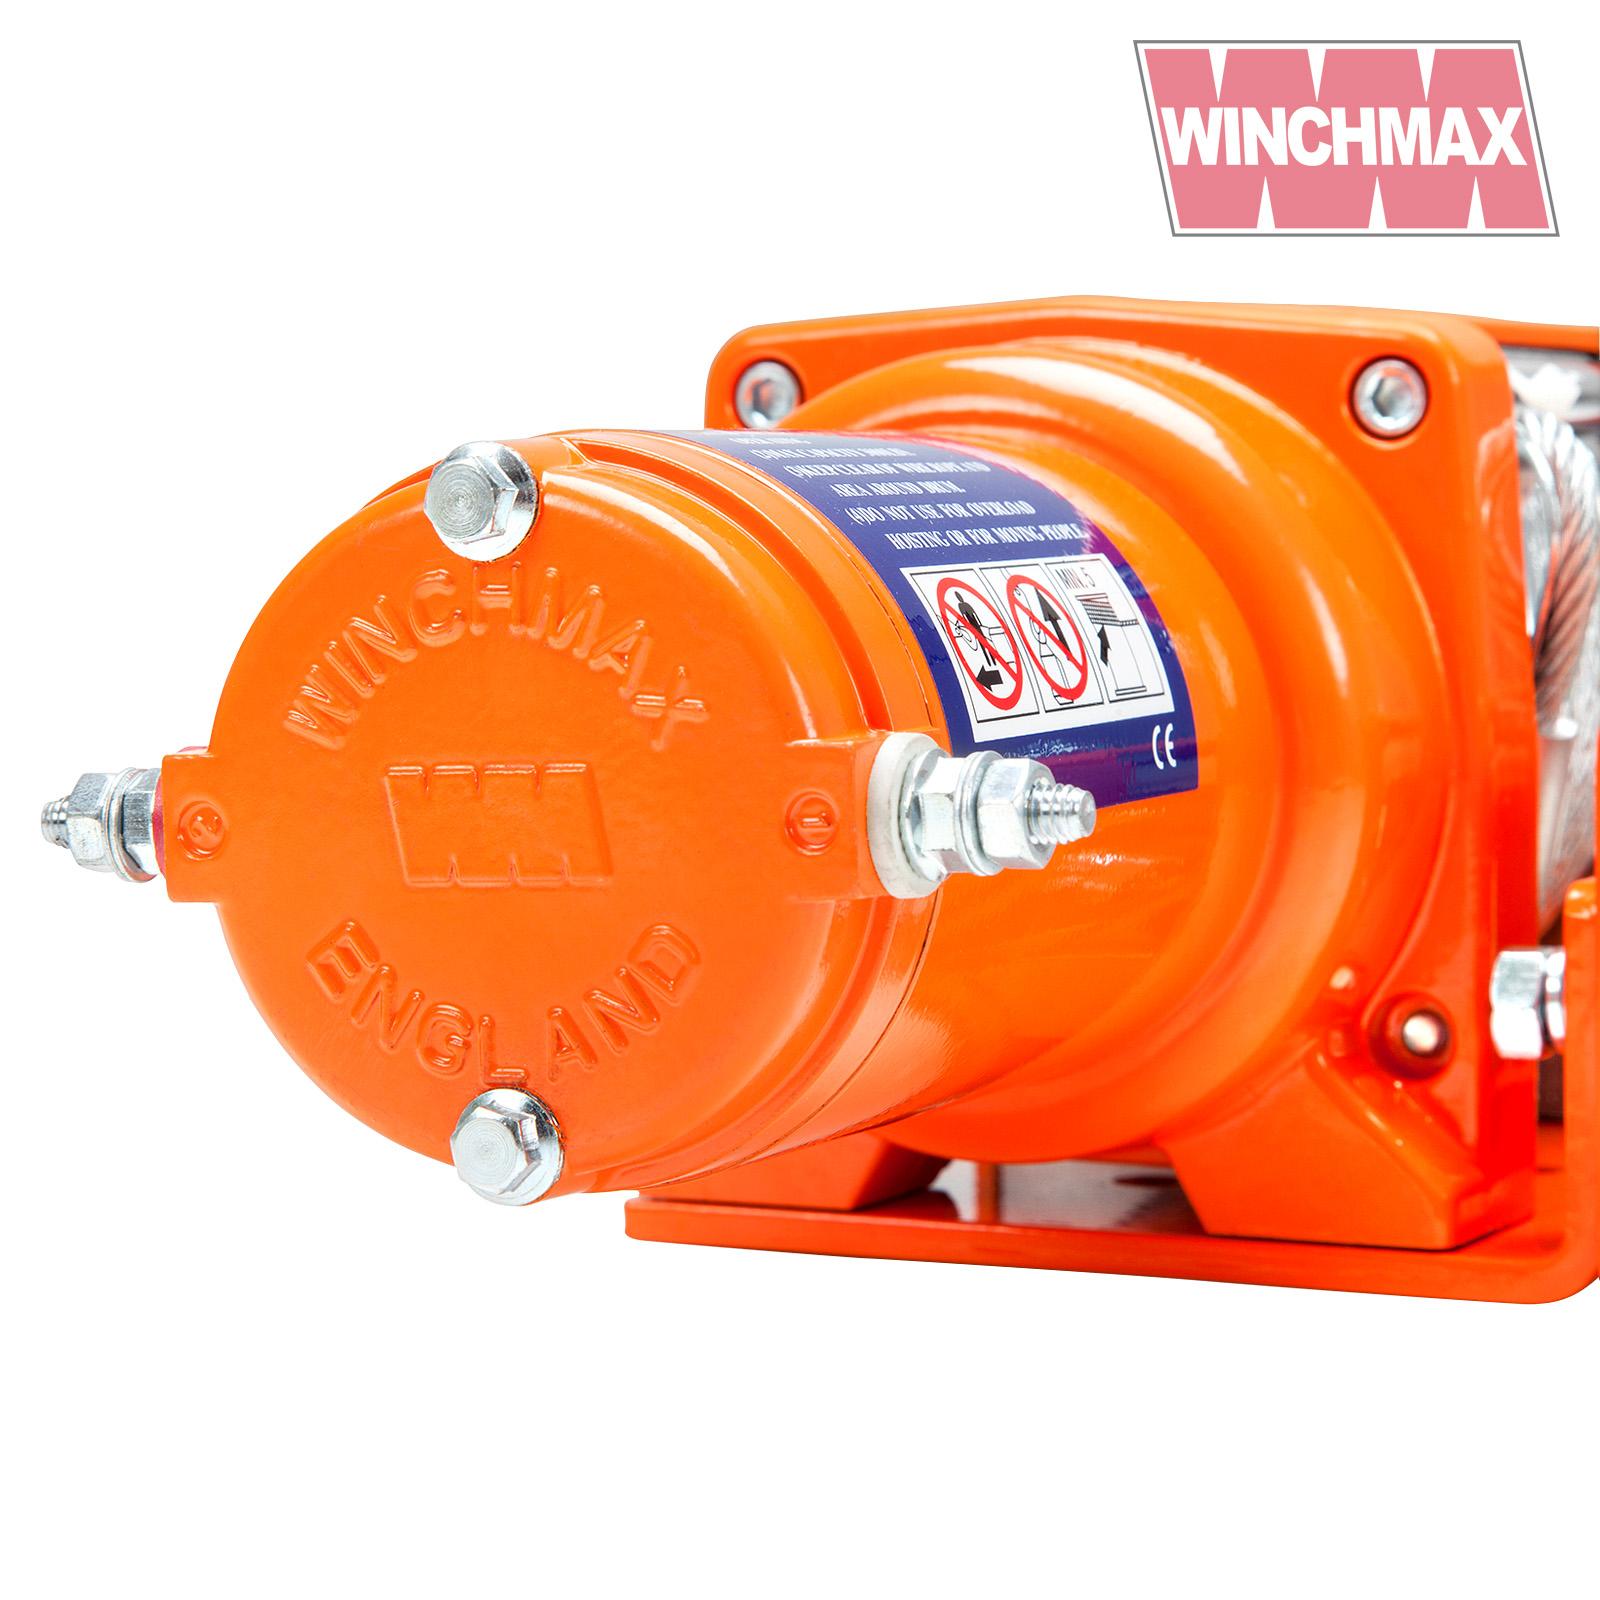 Wm300012vr winchmax 369